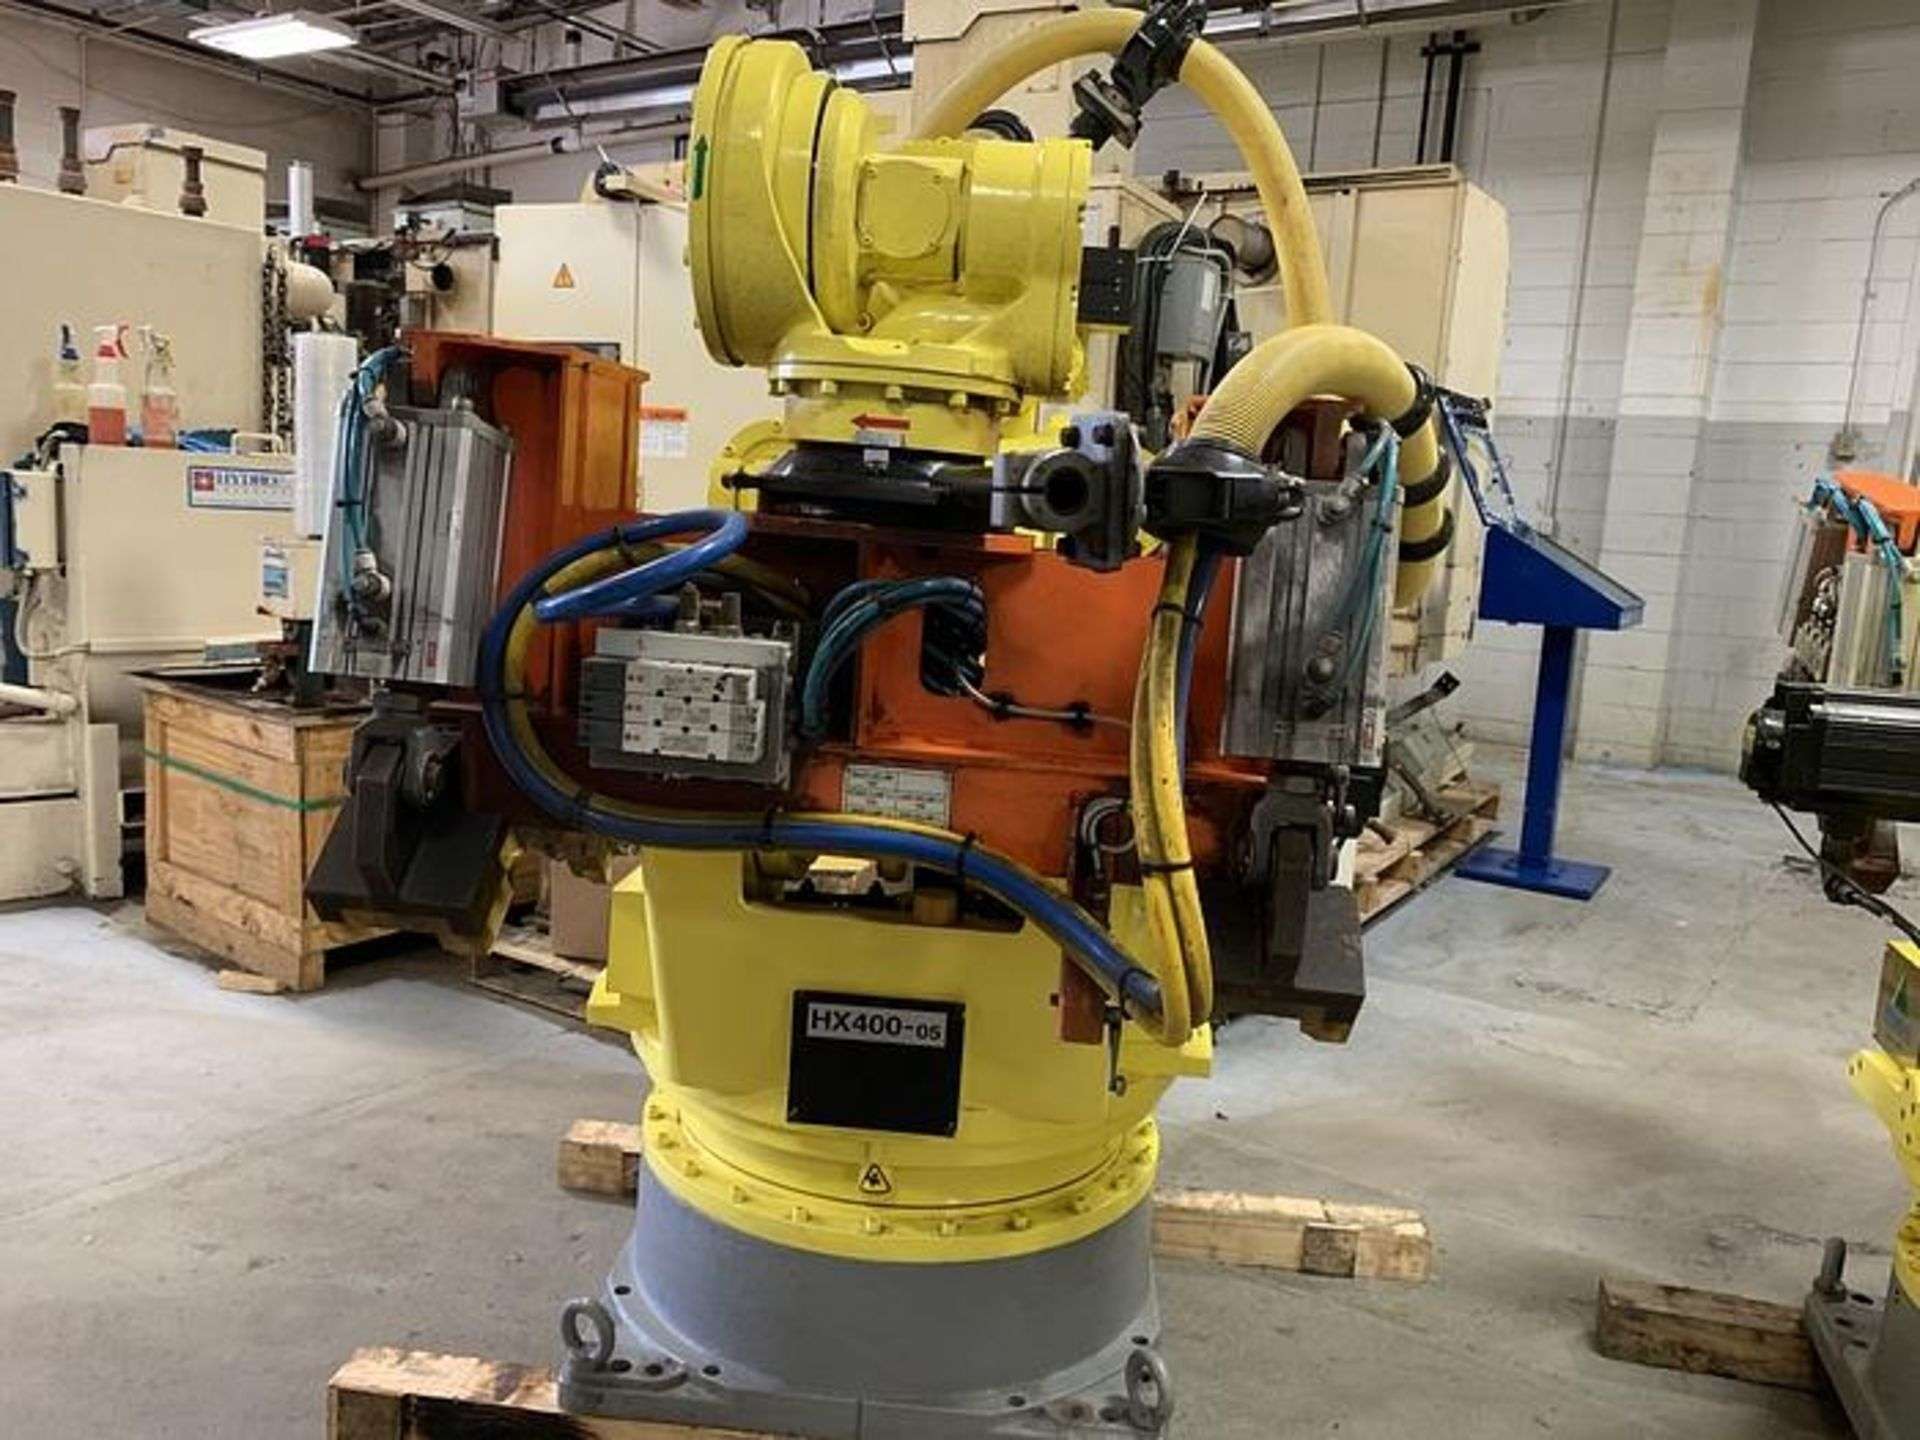 HYUNDIA MODEL HX400 400KG X 2573MM Hi5-N80U CONT. 6 AXIS CNC ROBOT, YEAR 2012, SN HB35-054-572 - Image 4 of 21